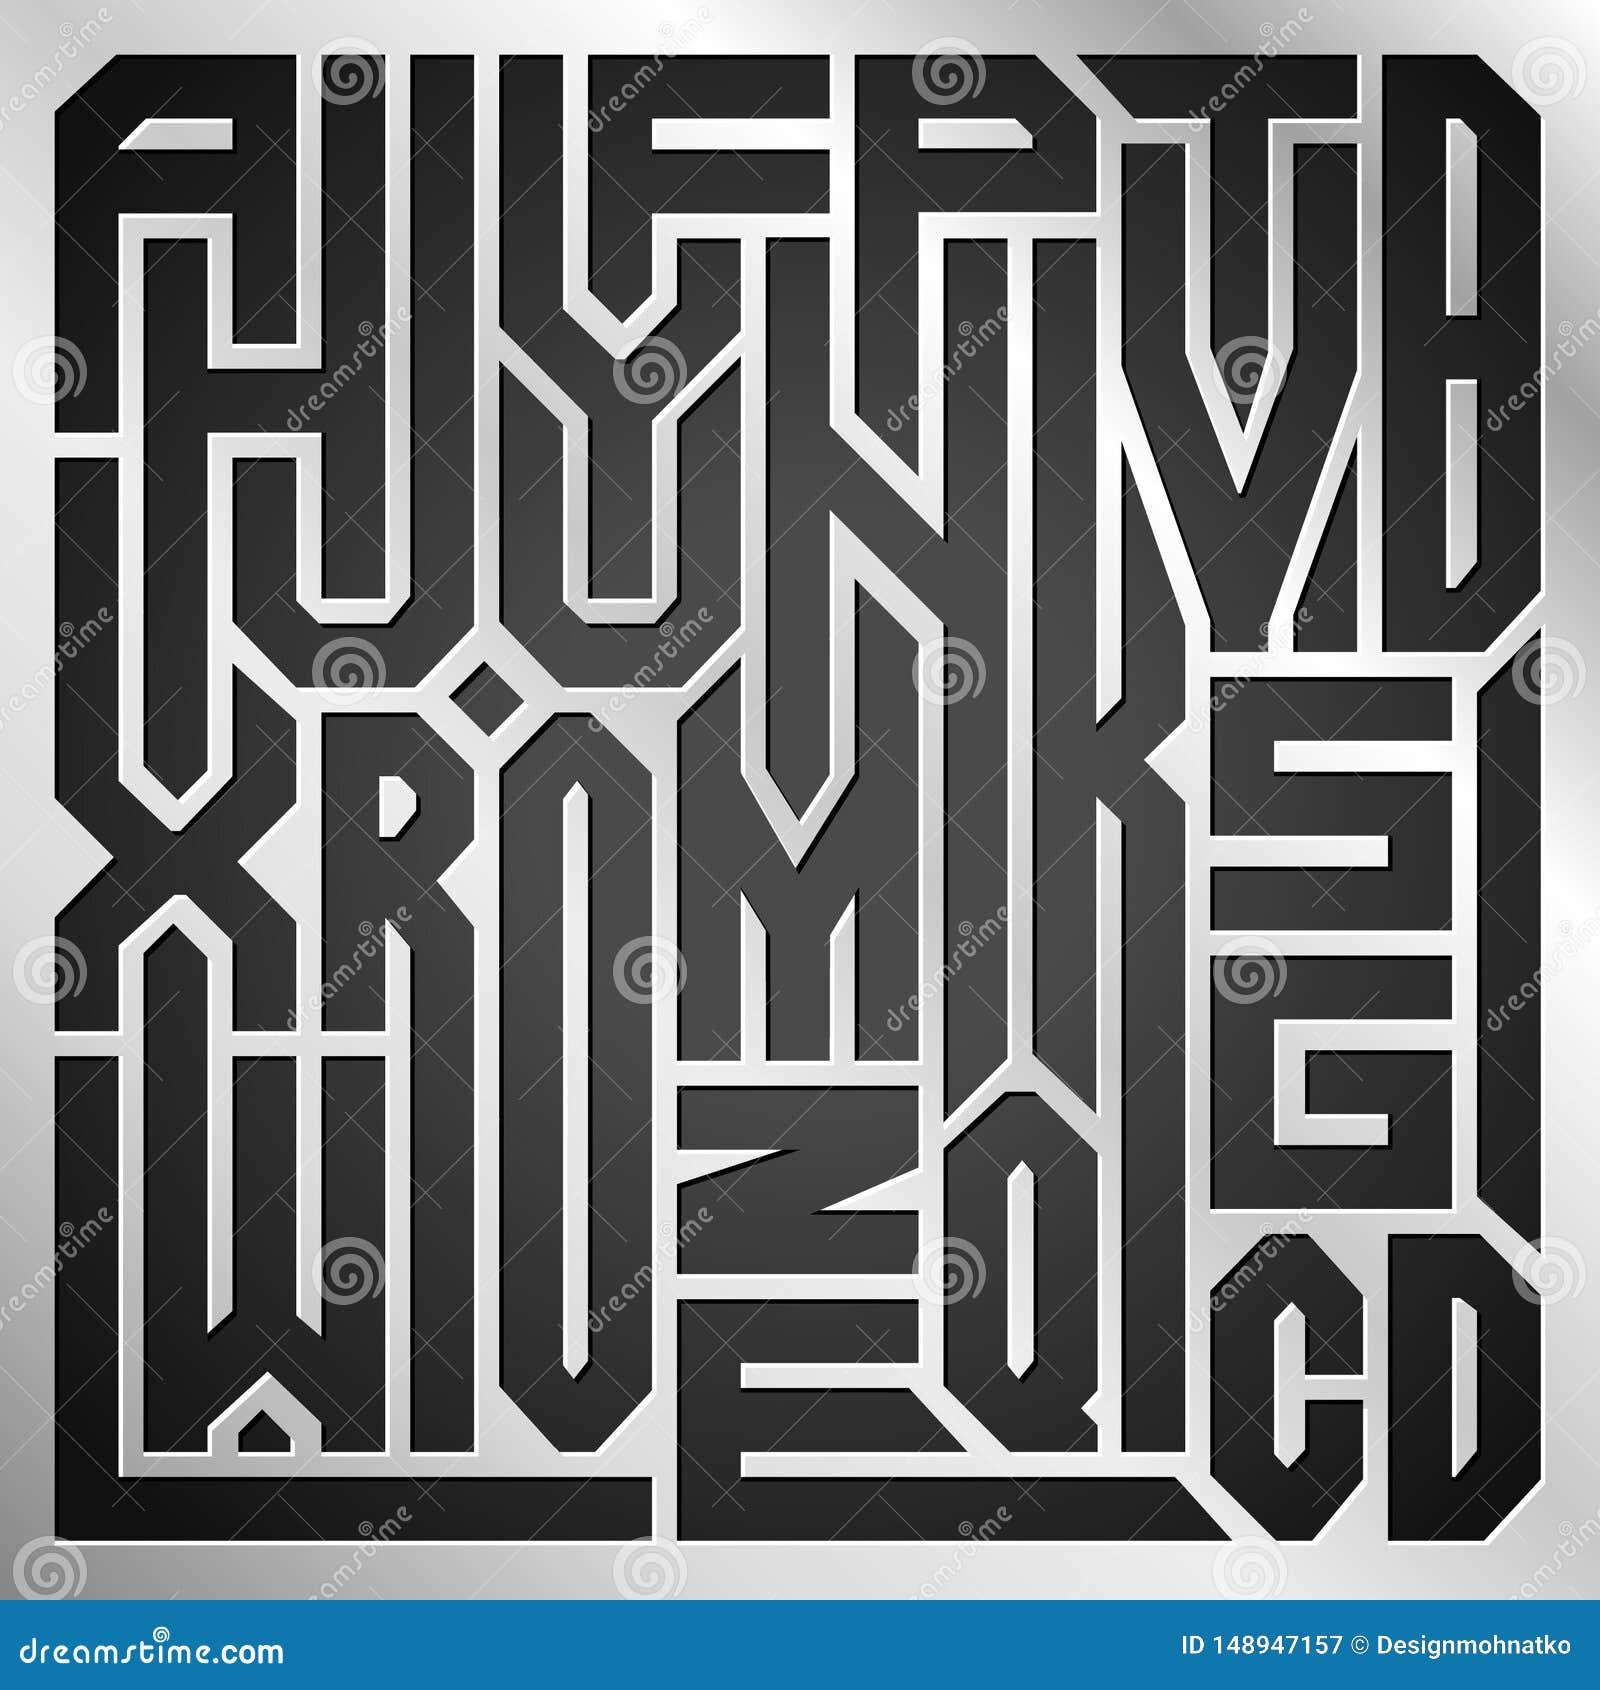 Abstrakte Collage von den Buchstaben des Alphabetes von A zu Z auf Metallhintergrund